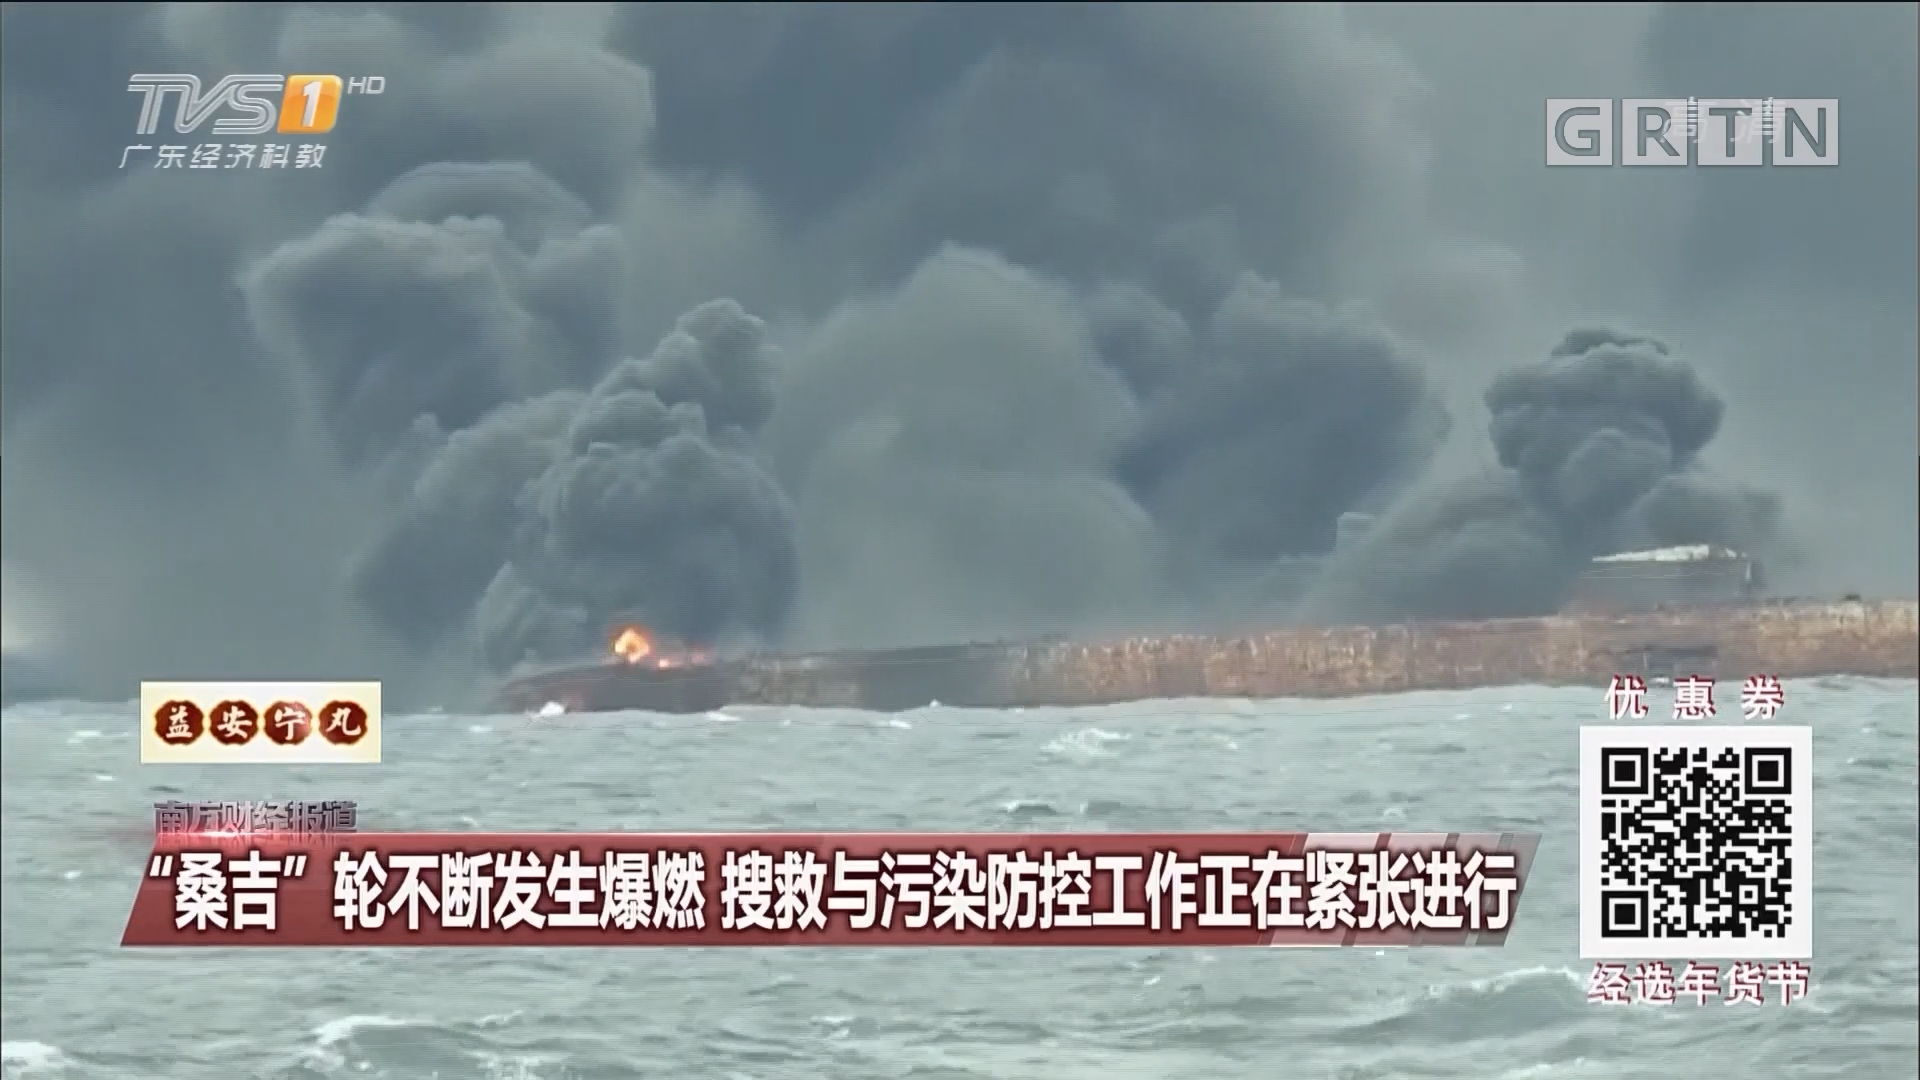 """""""桑吉""""轮不断发生爆燃 搜救与污染防控工作正在紧张进行"""